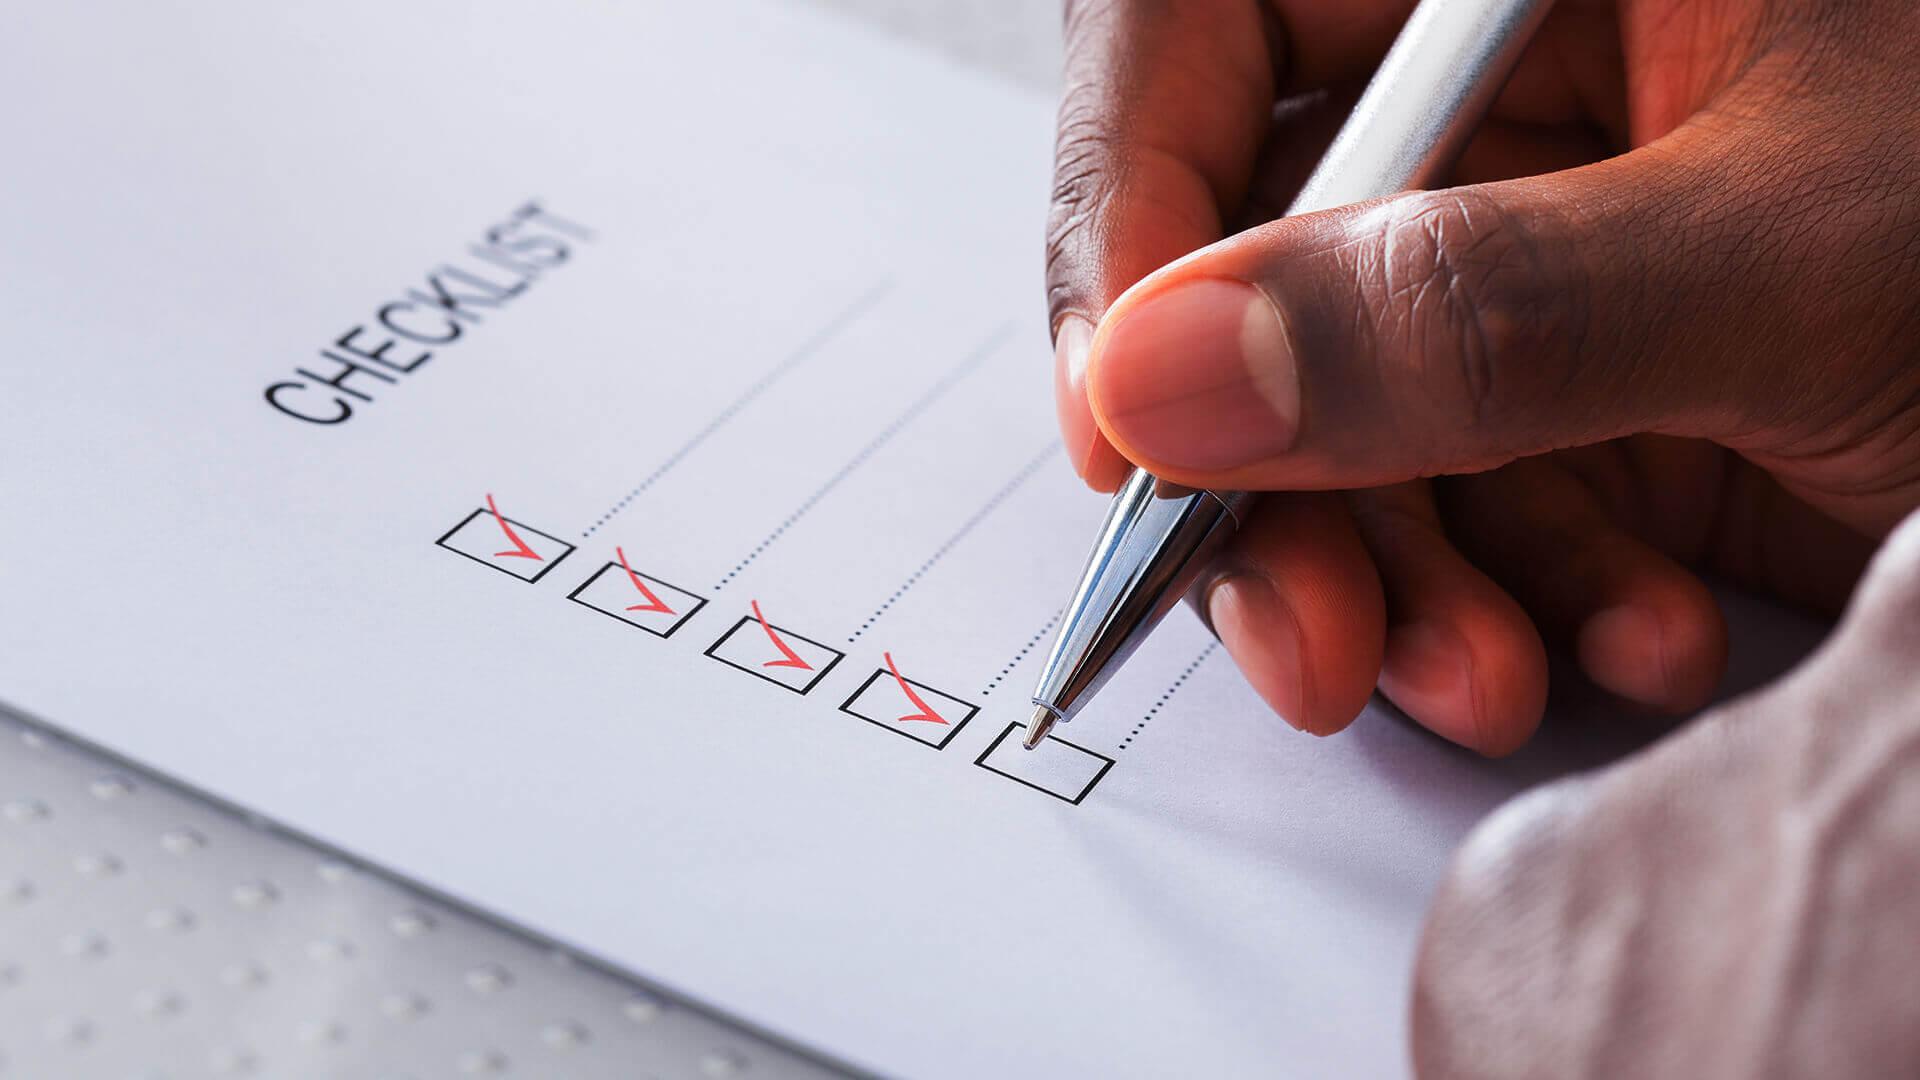 A site migration SEO checklist: Don't lose traffic